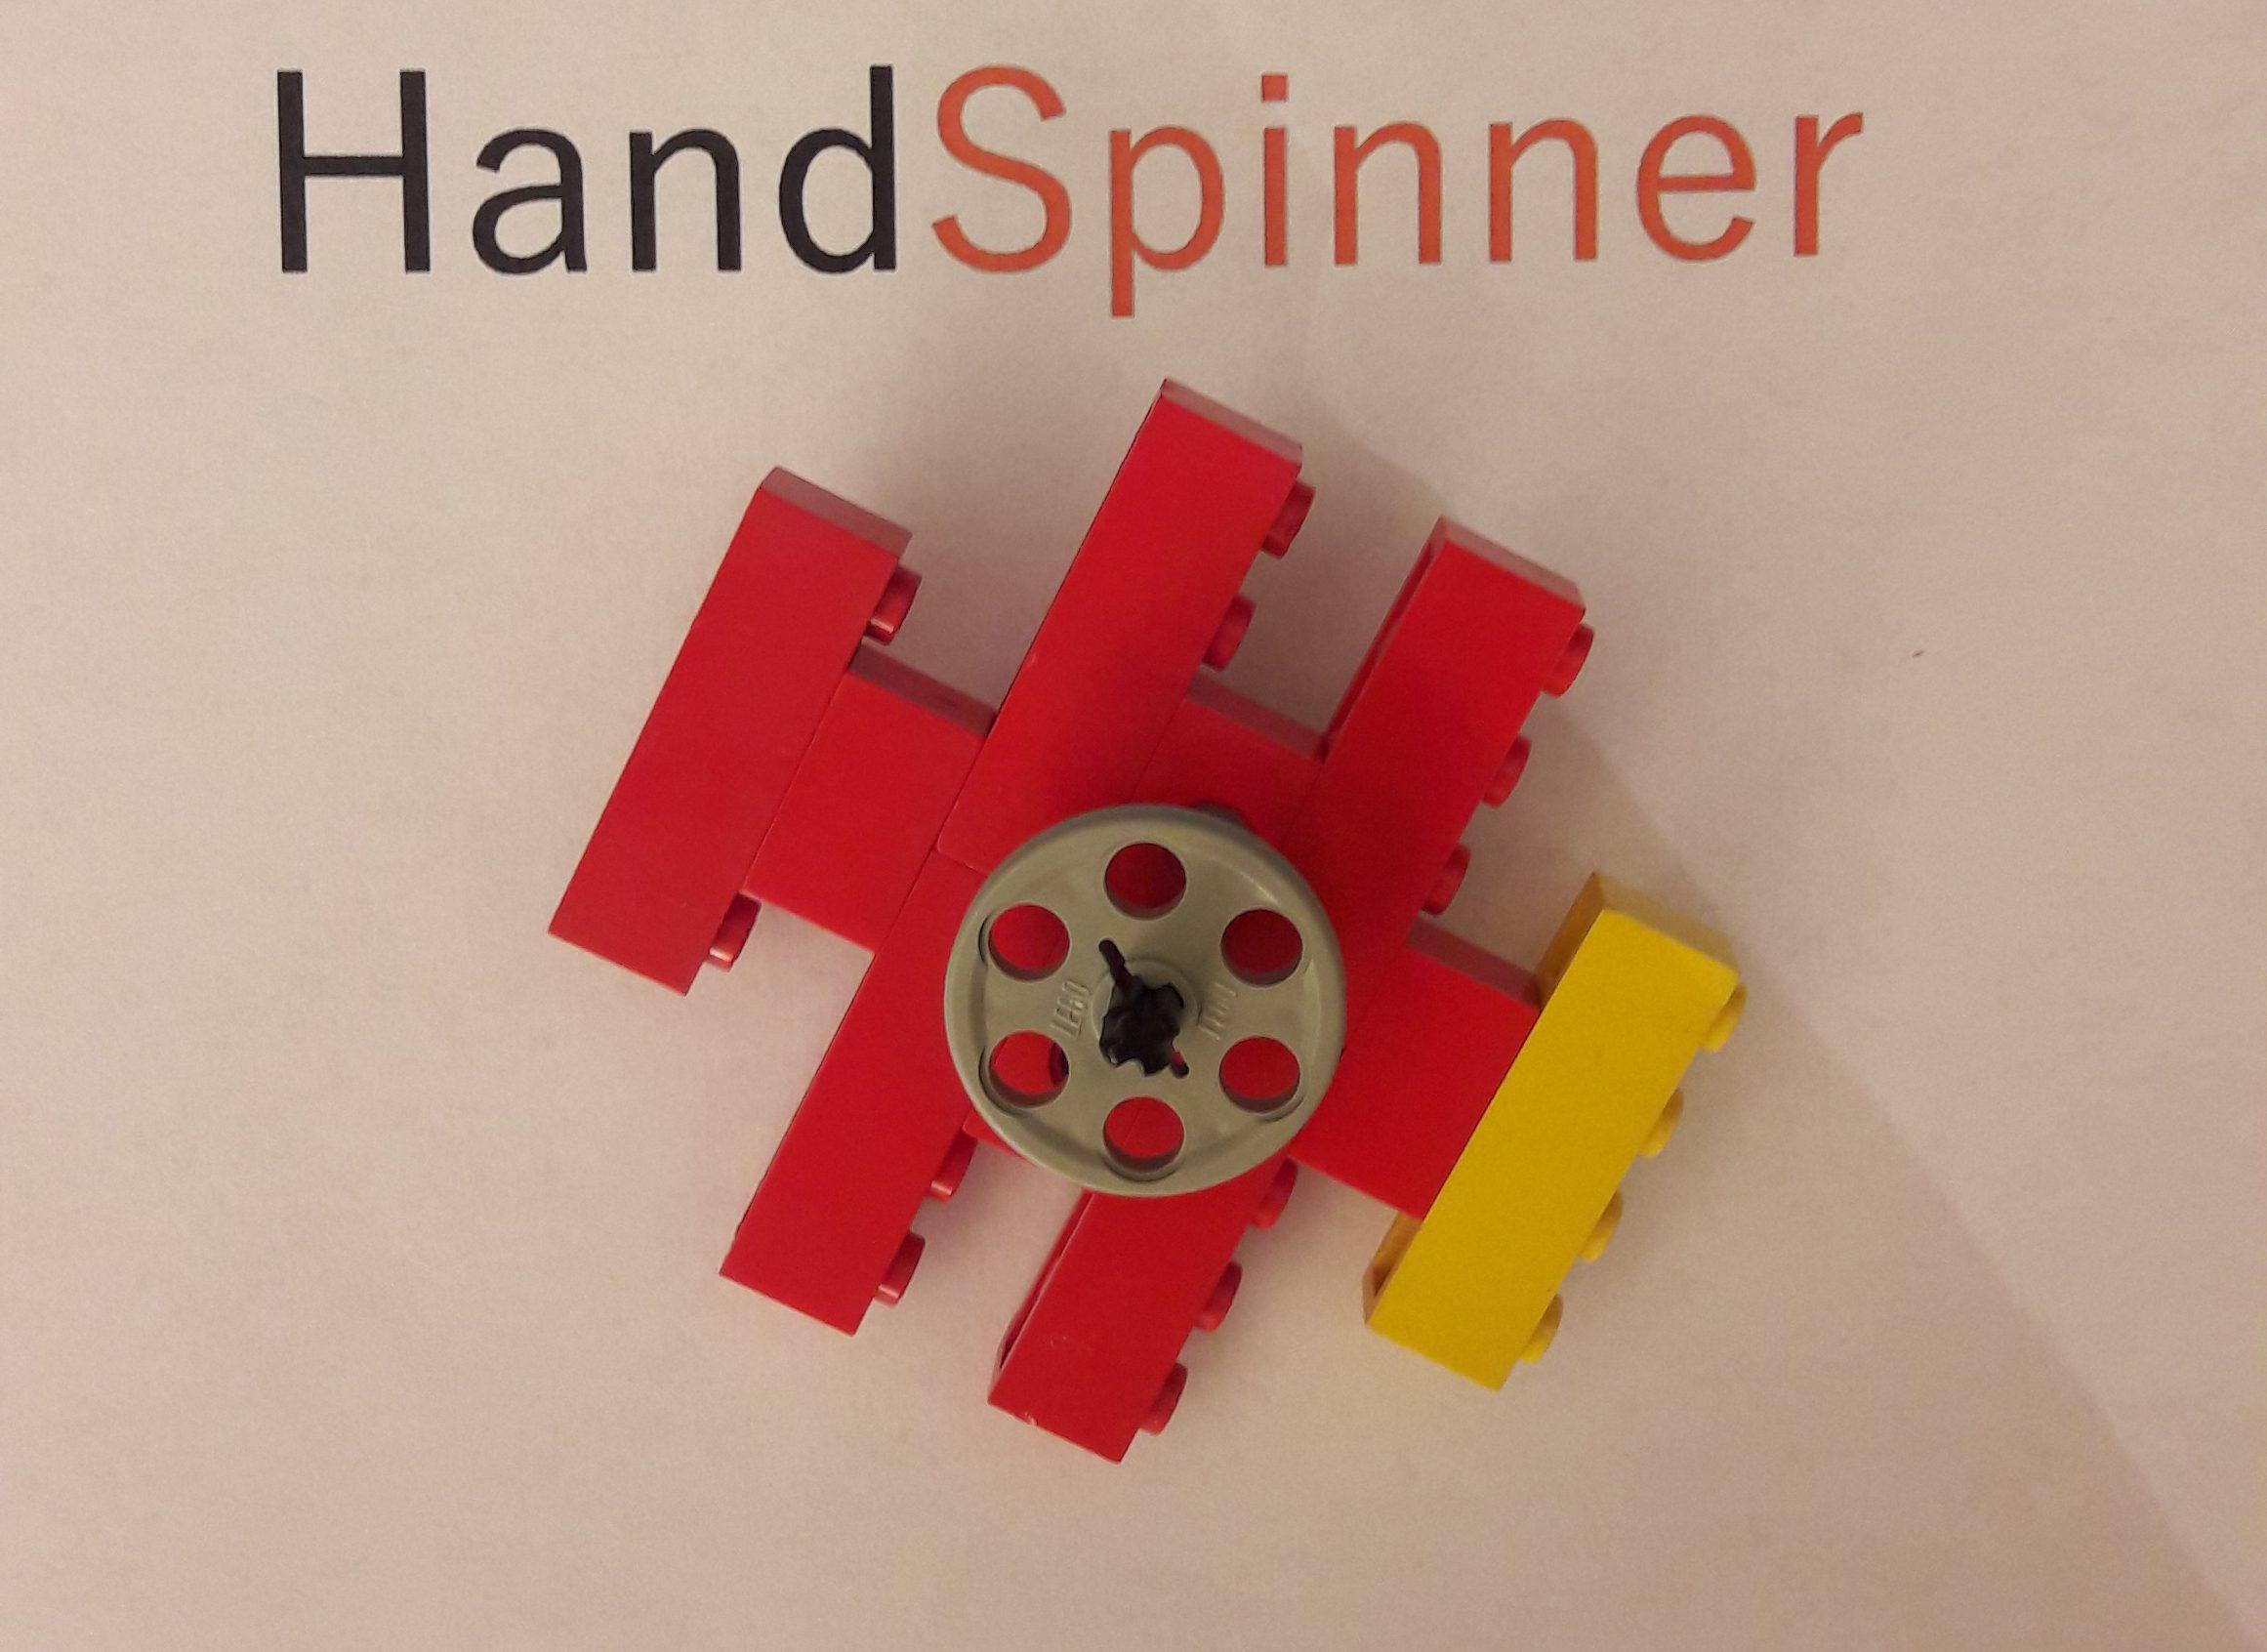 Un hand spinner en lego handspinner for Modele maison lego